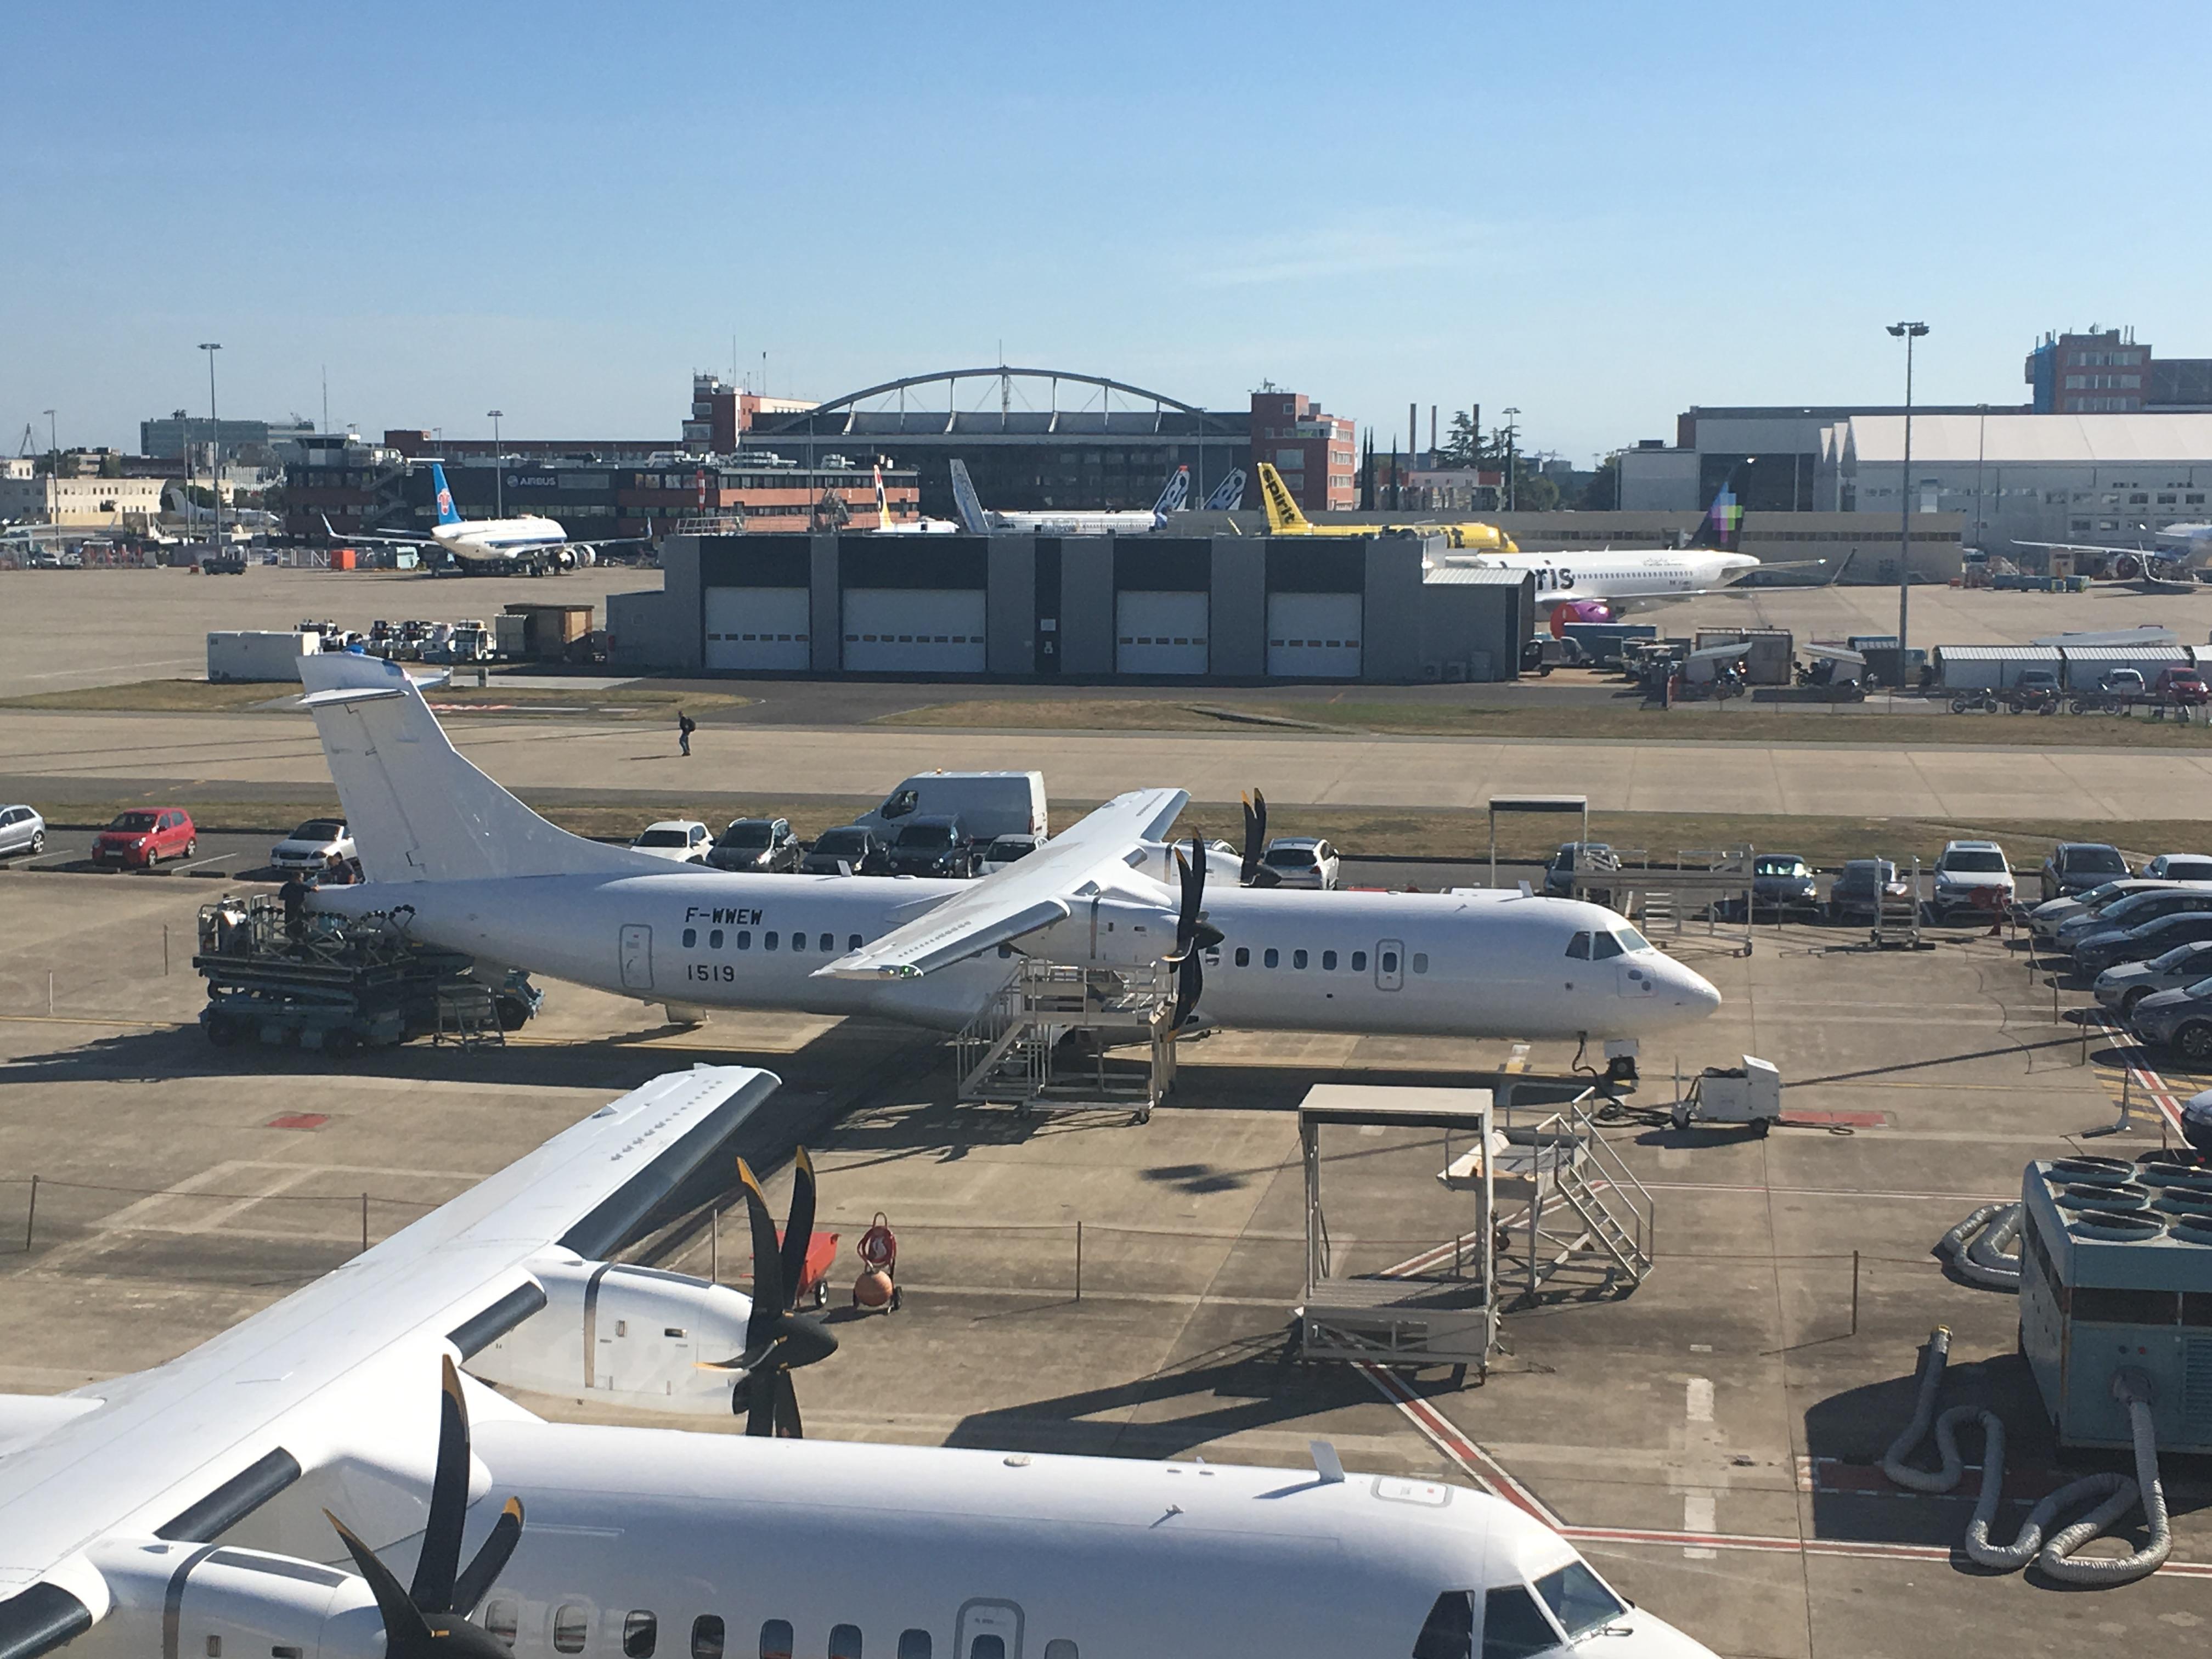 Her ses DAT's nye ATR72-600, hvor testregistreringen F-WWEW fremgår. Flyet vil blive færdigmalet inden længe. Foto: Kristian Anders Hvass//DAT